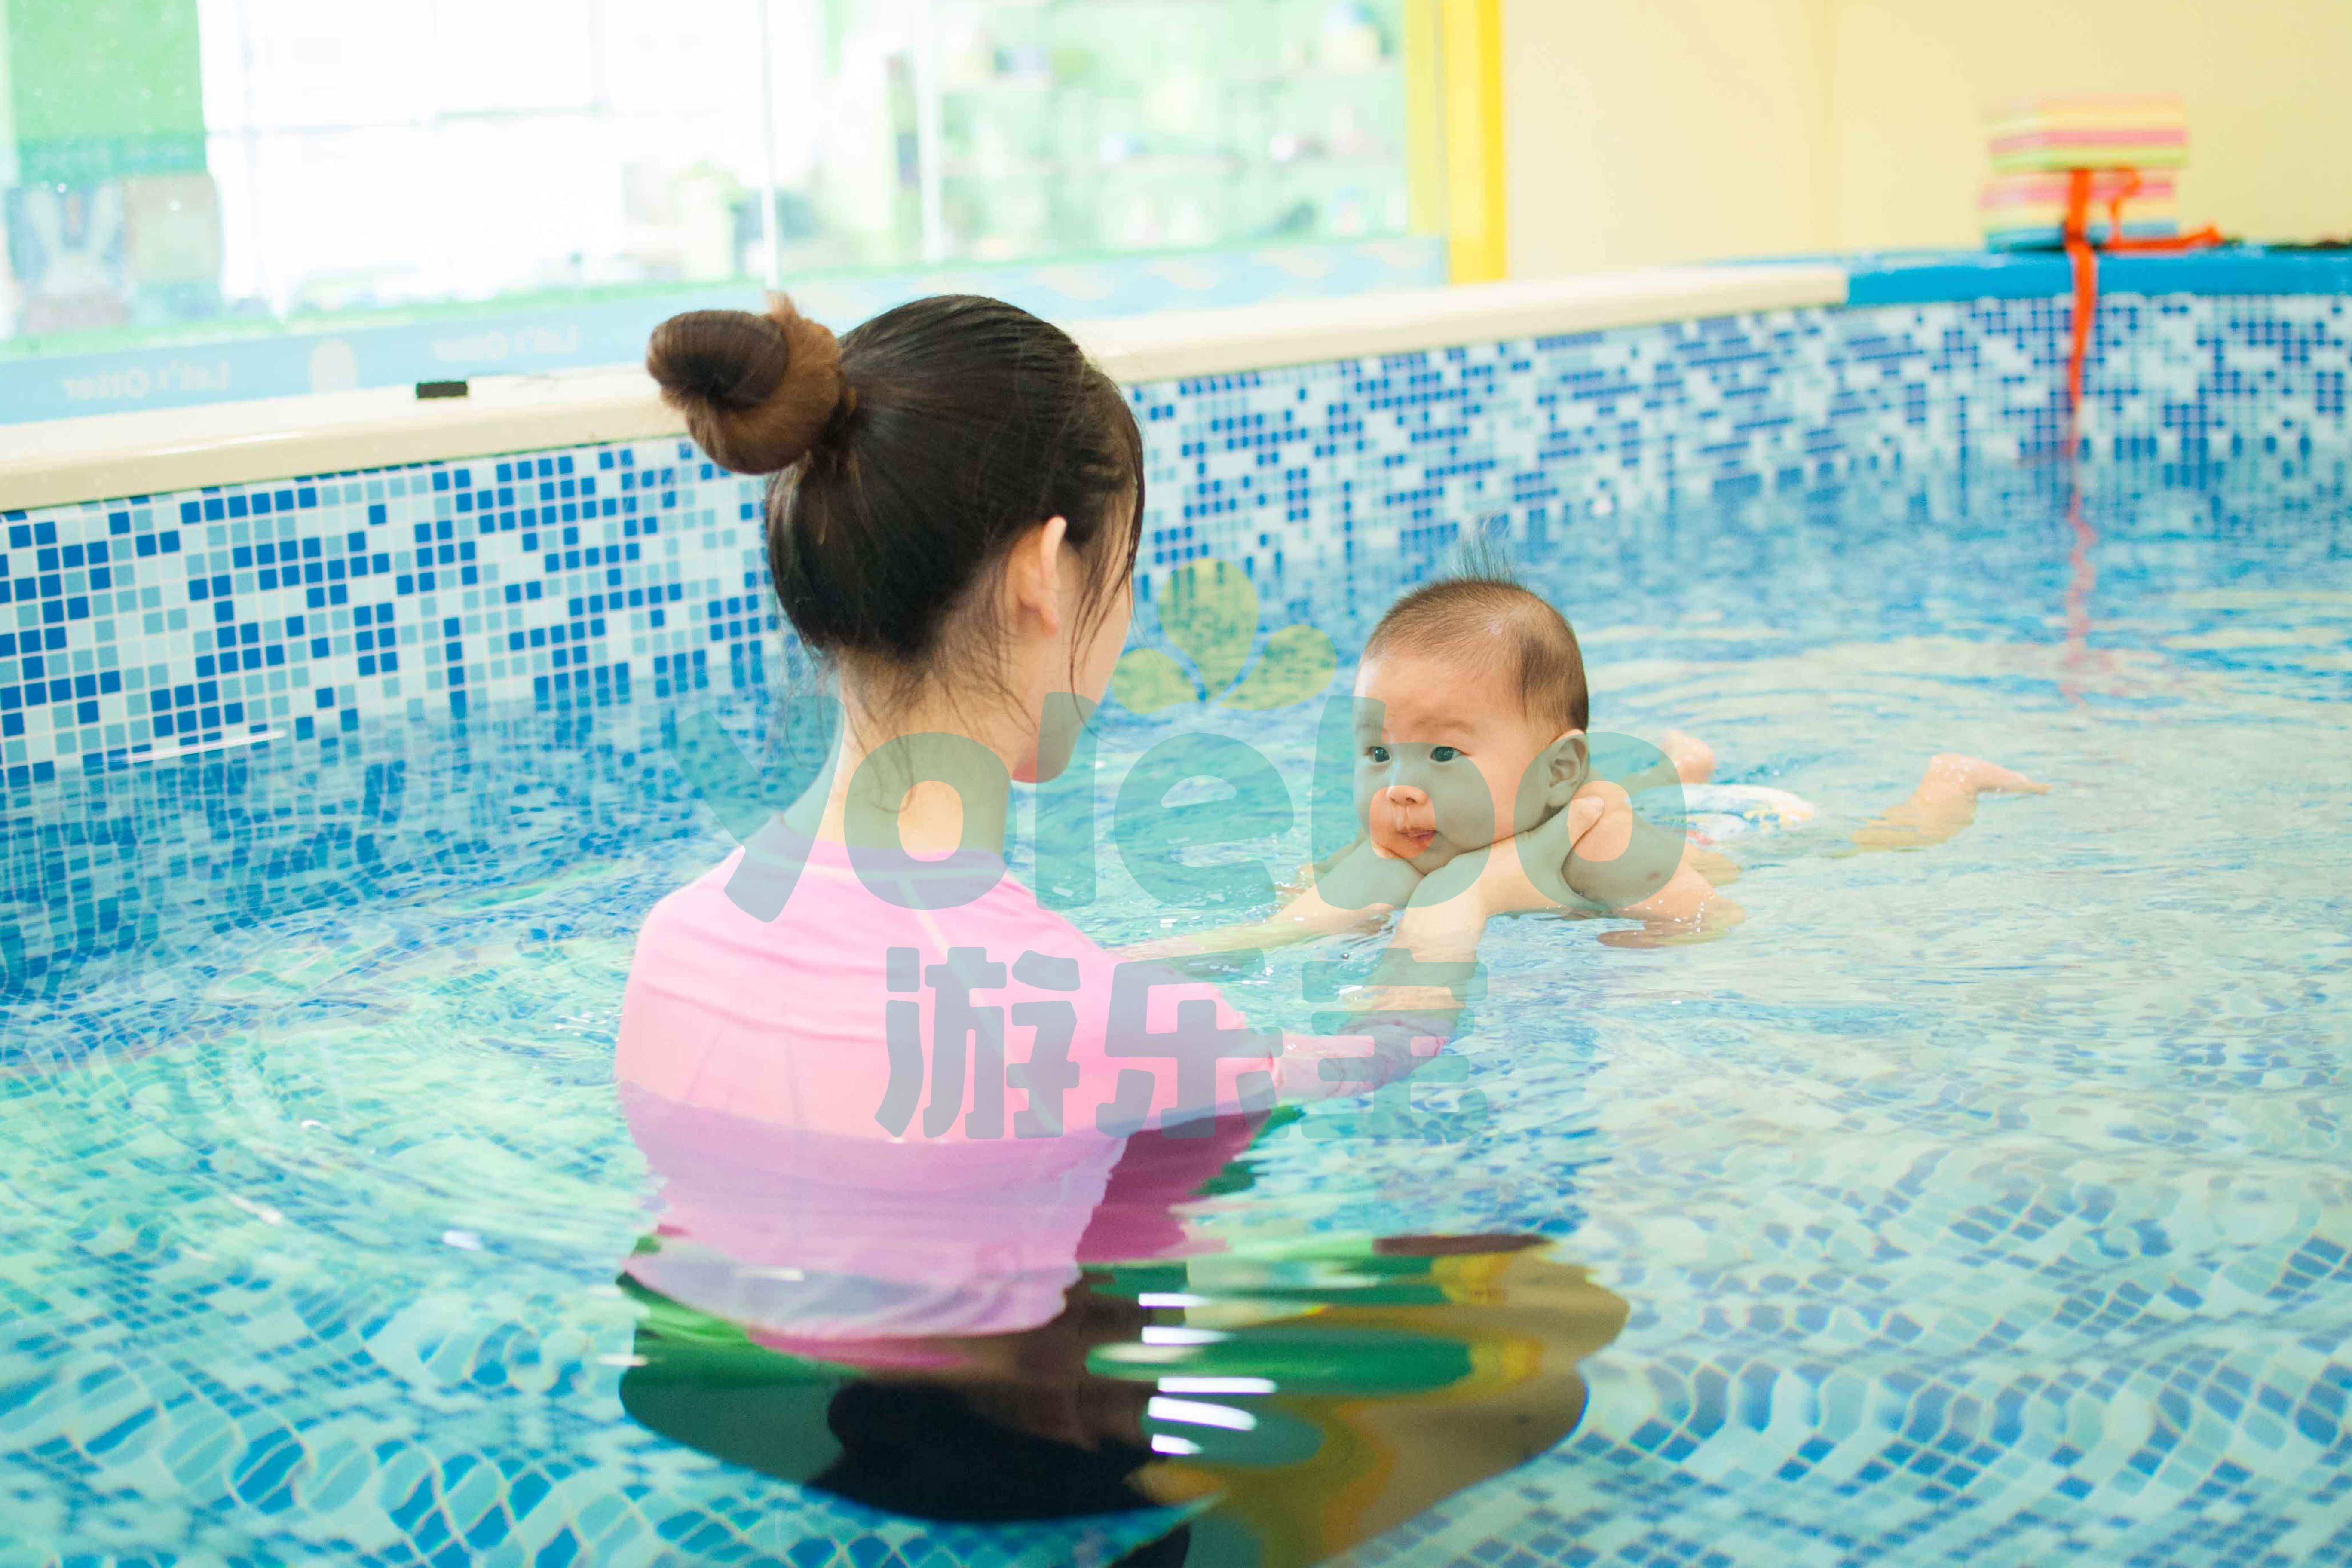 作为一个合格的婴儿游泳池水育师,你需要做到哪些?